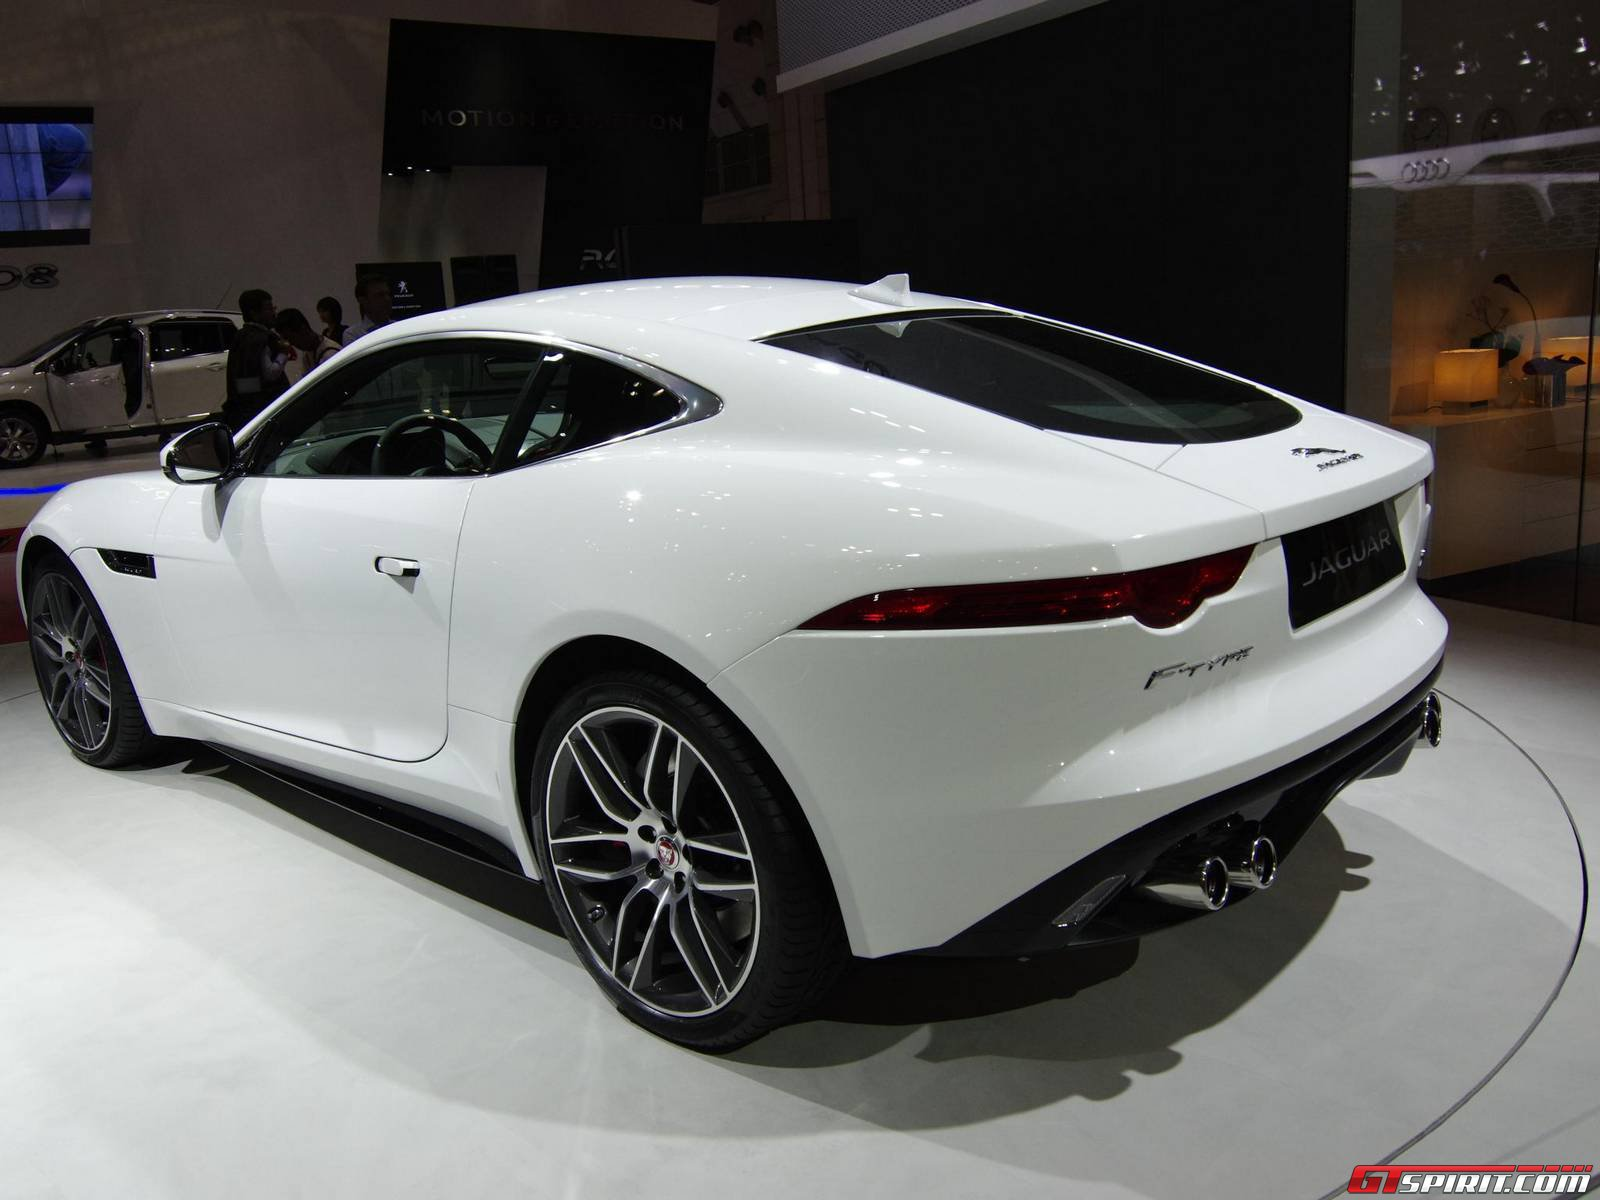 Marvelous Jaguar F Type Coupe